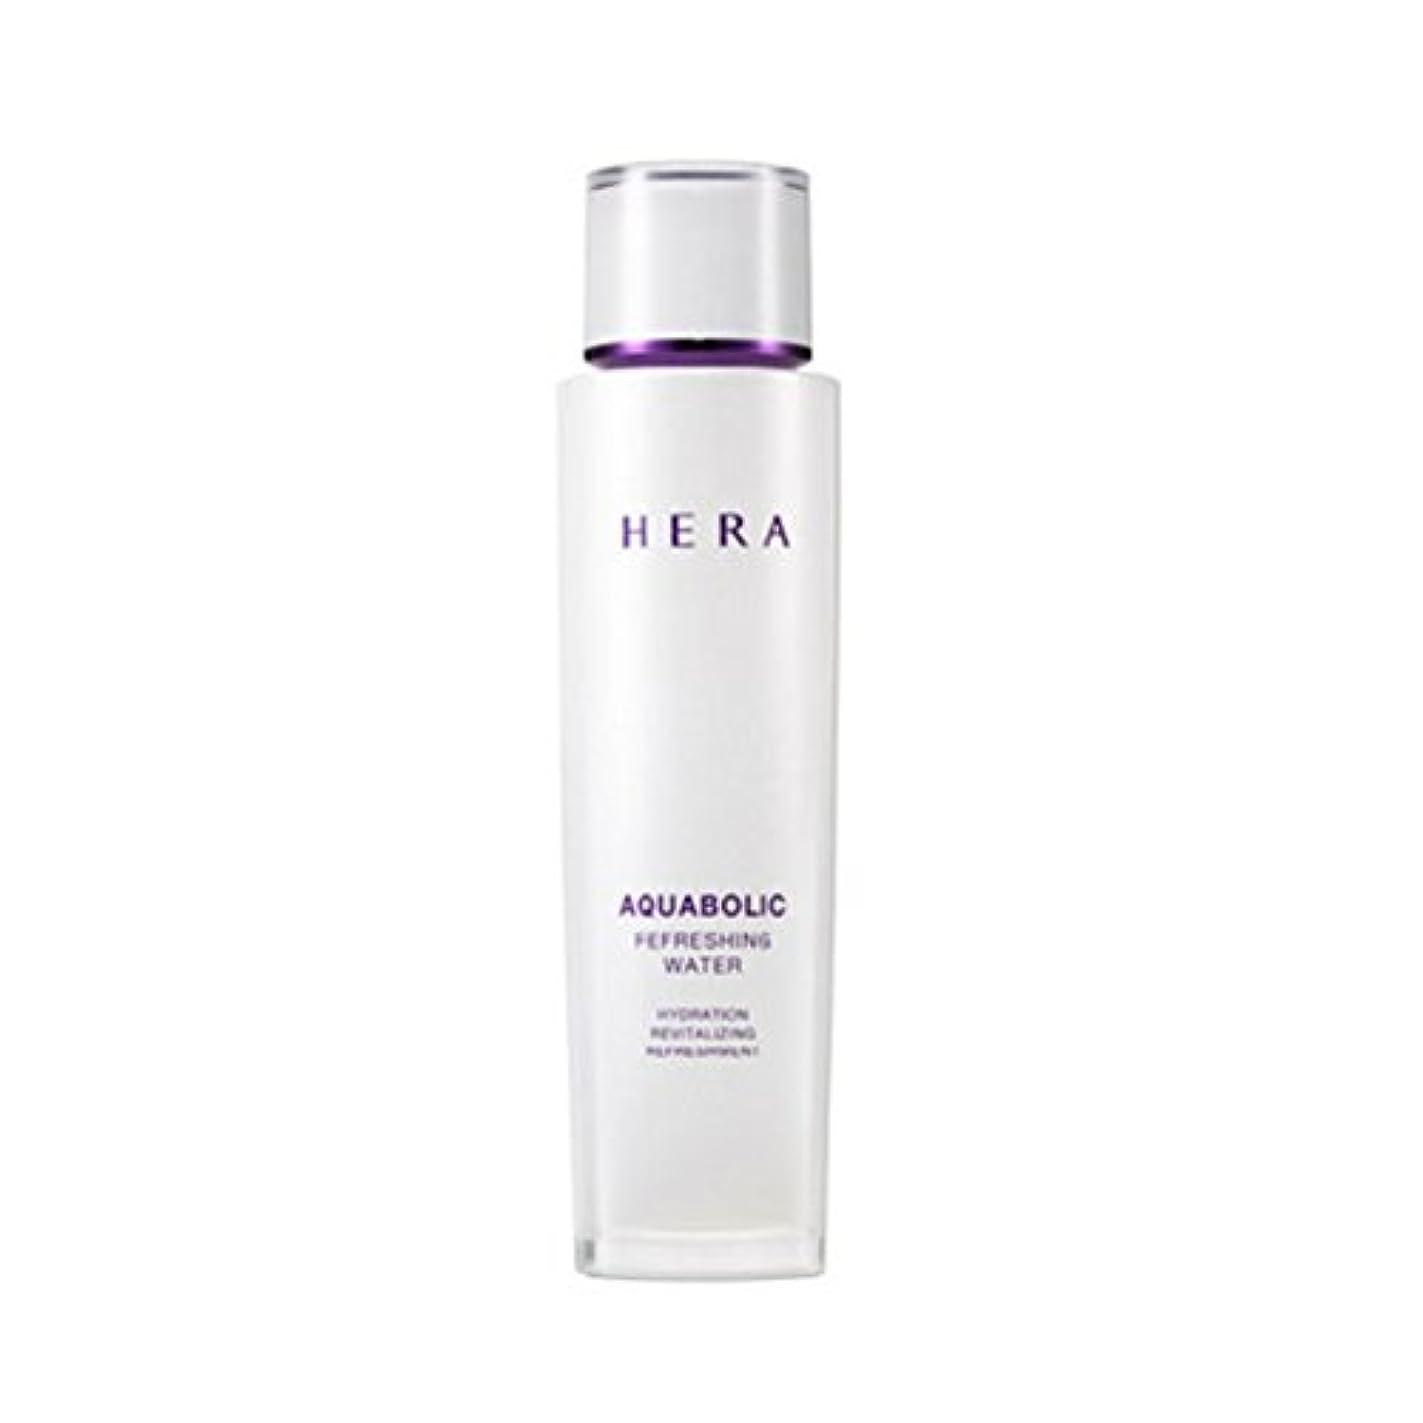 トン信じられないニュース(ヘラ) HERA アクアボリック リフレッシングウォーター (化粧水) 150ml / Aquabolic Refreshing Water 150ml (韓国直発送)